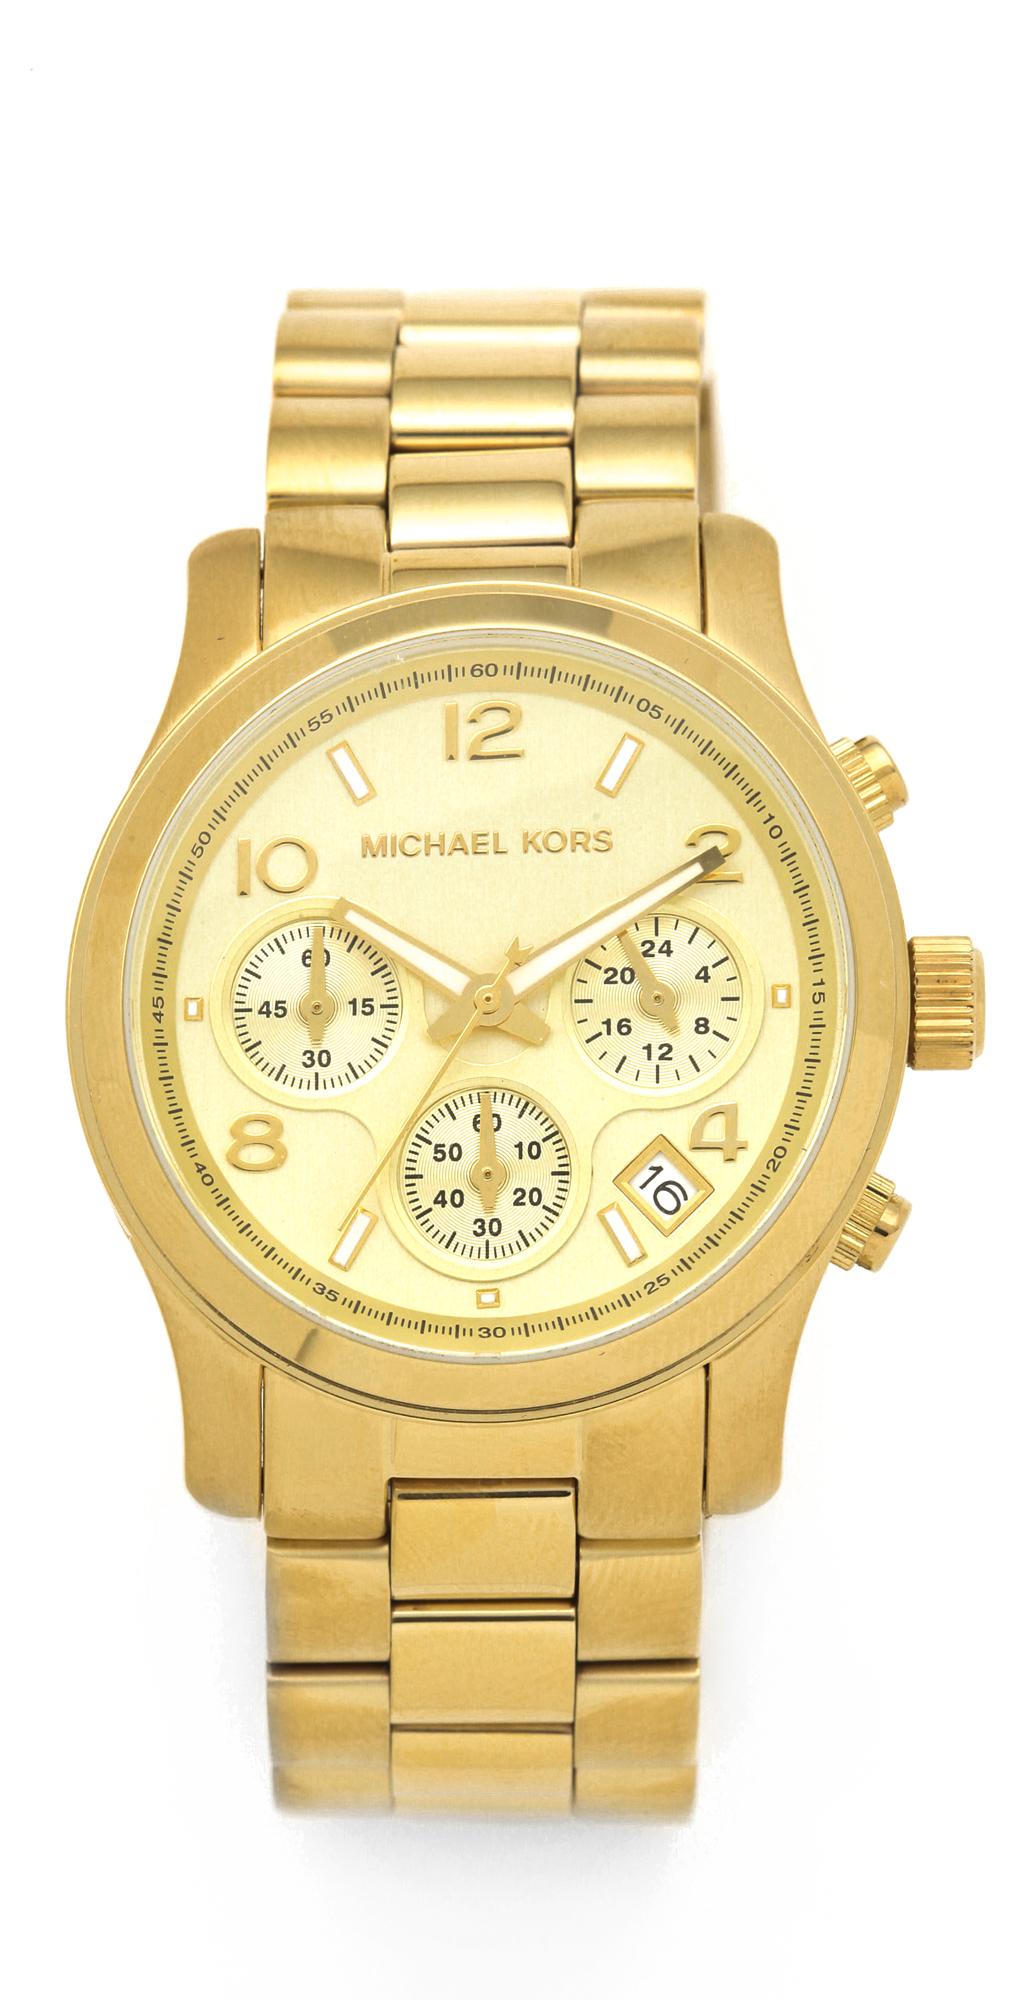 Michael Kors Sport Watch | SHOPBOP